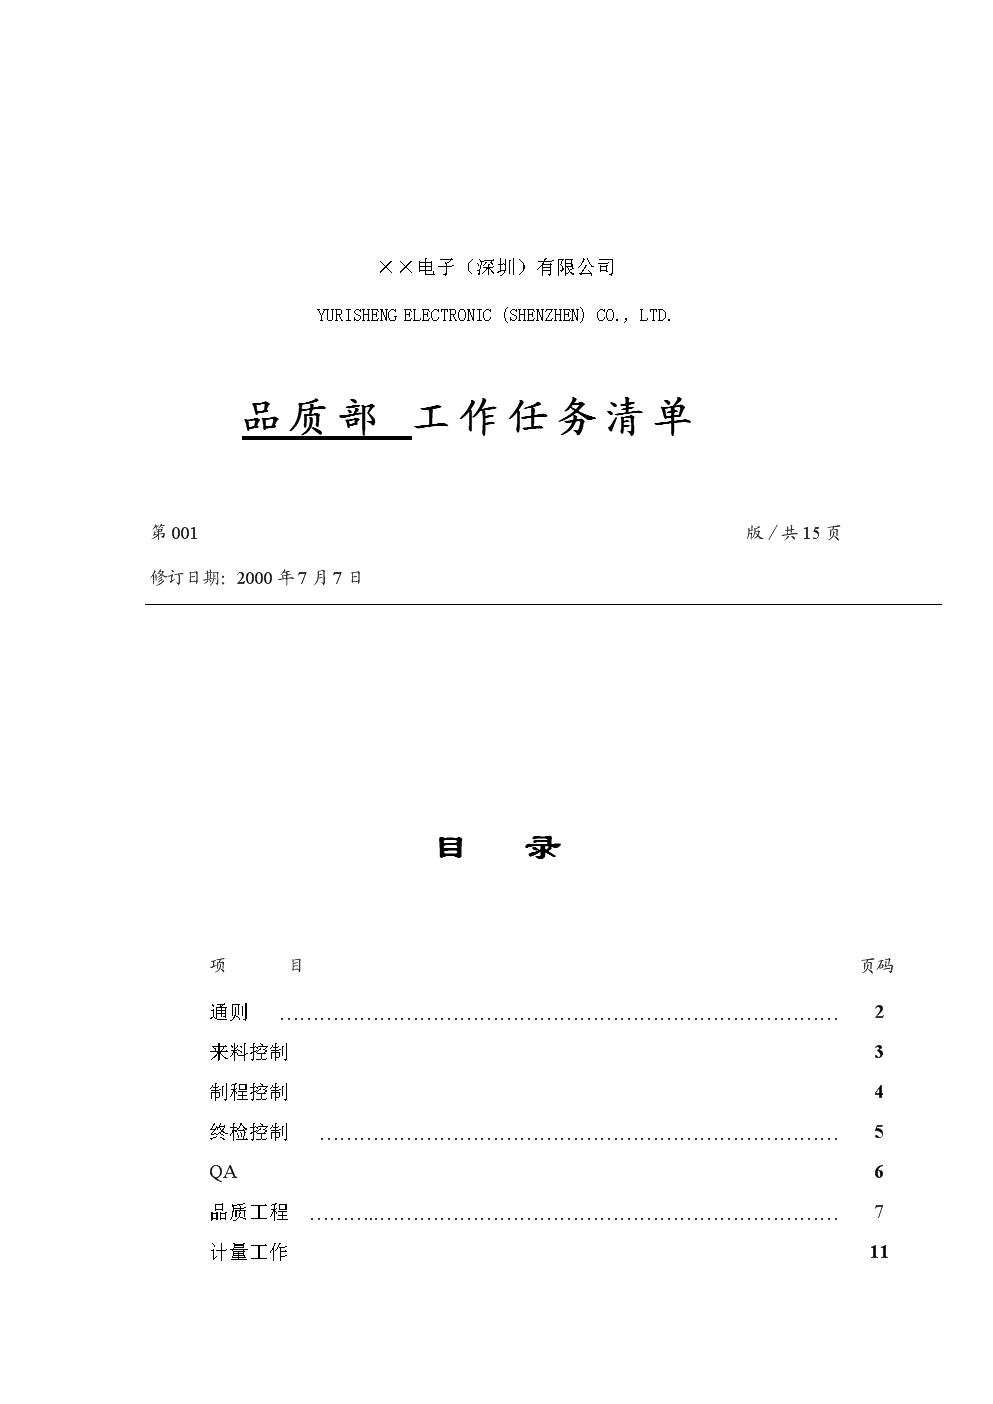 職務設計及分析報告-品質部工作清單.doc